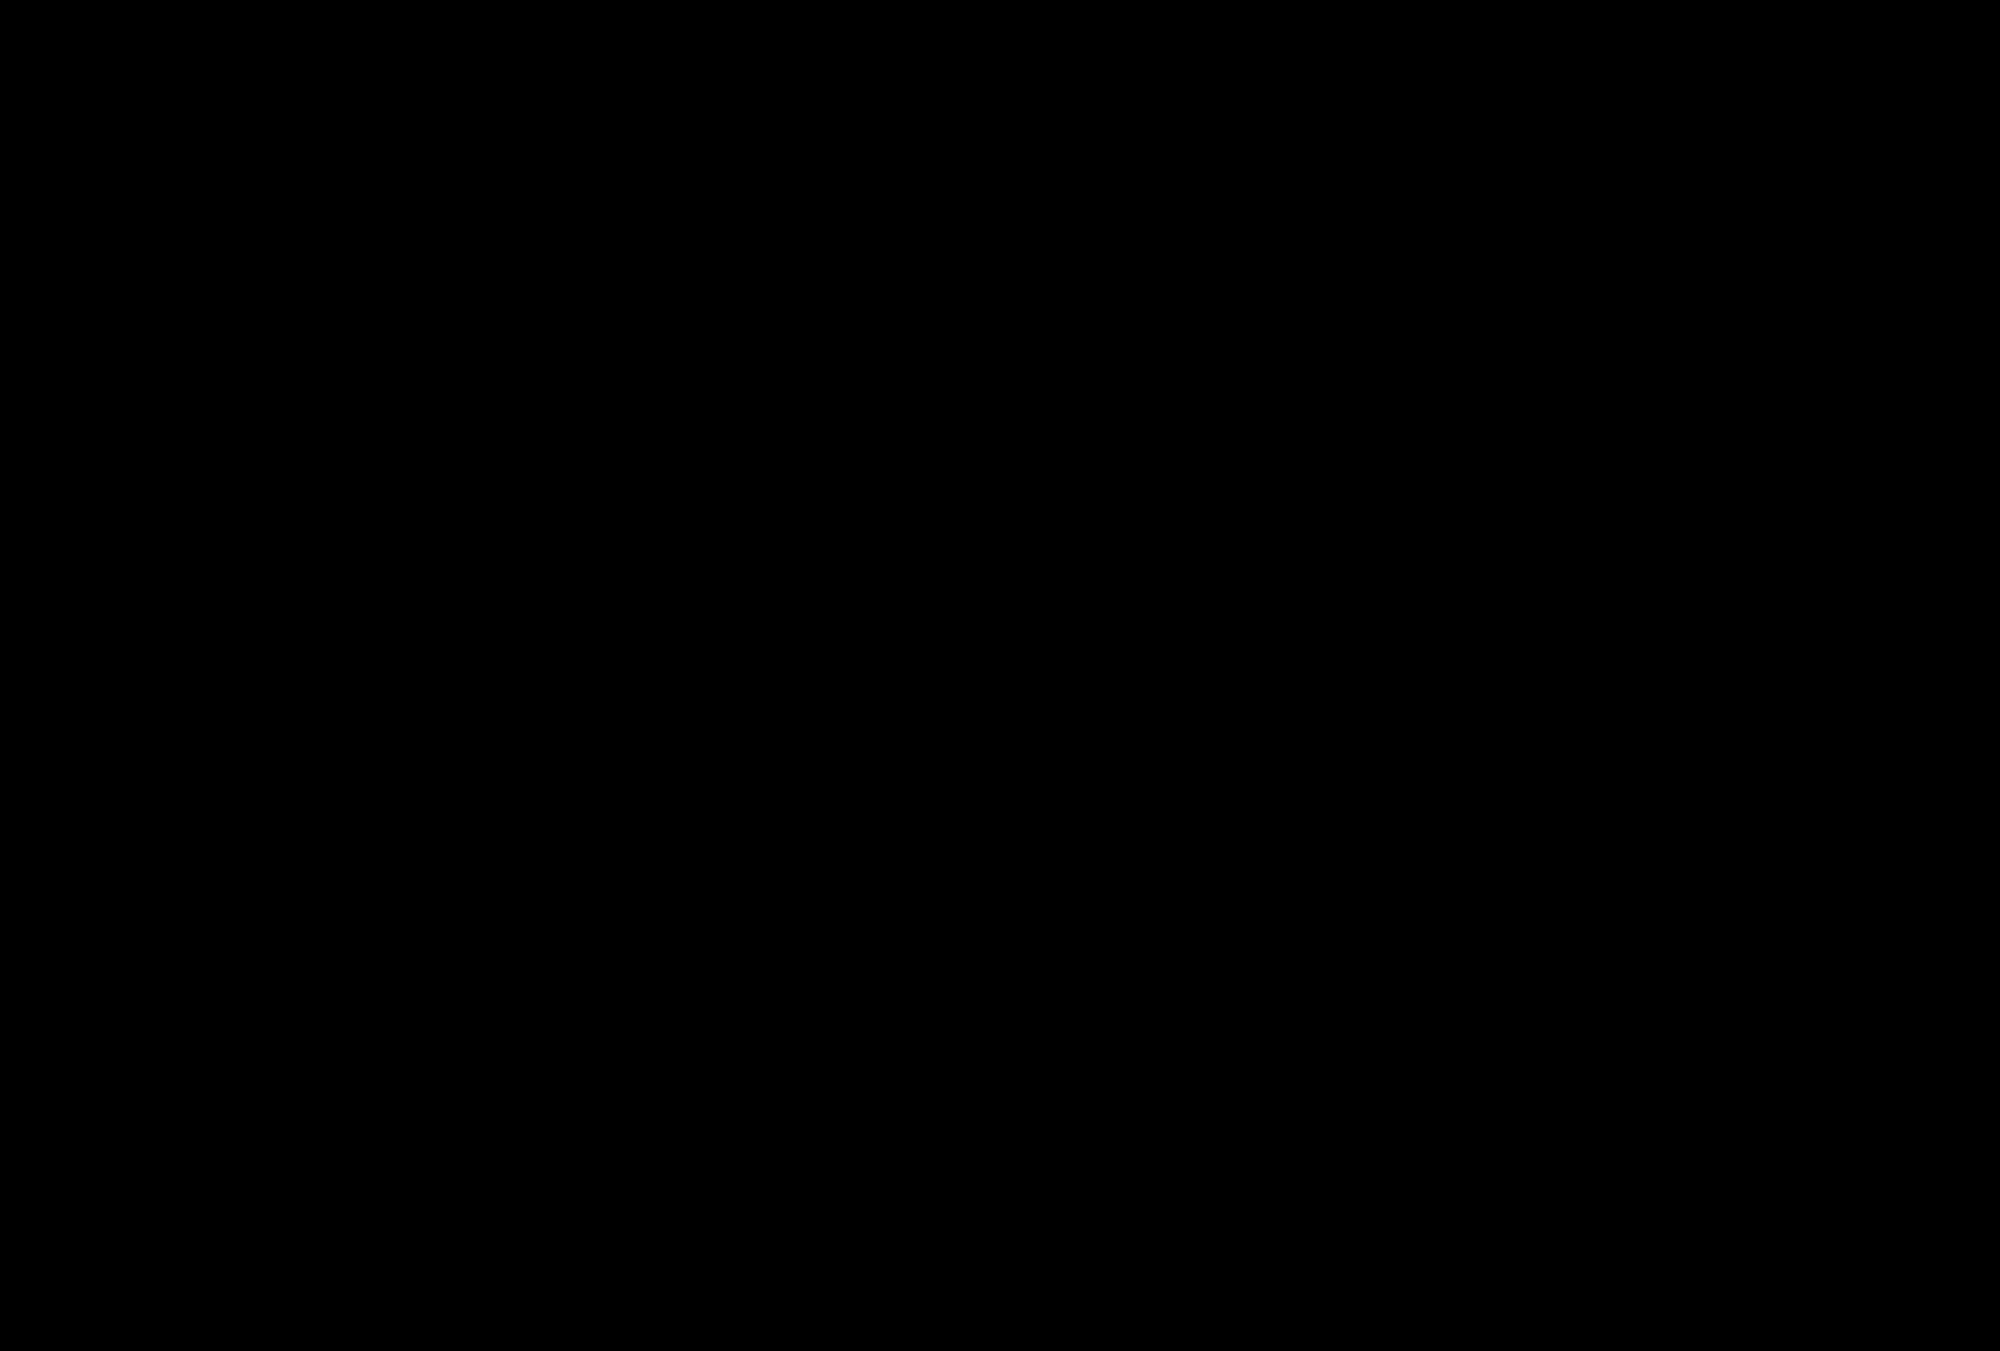 adidas-logo-png-hd-17.png